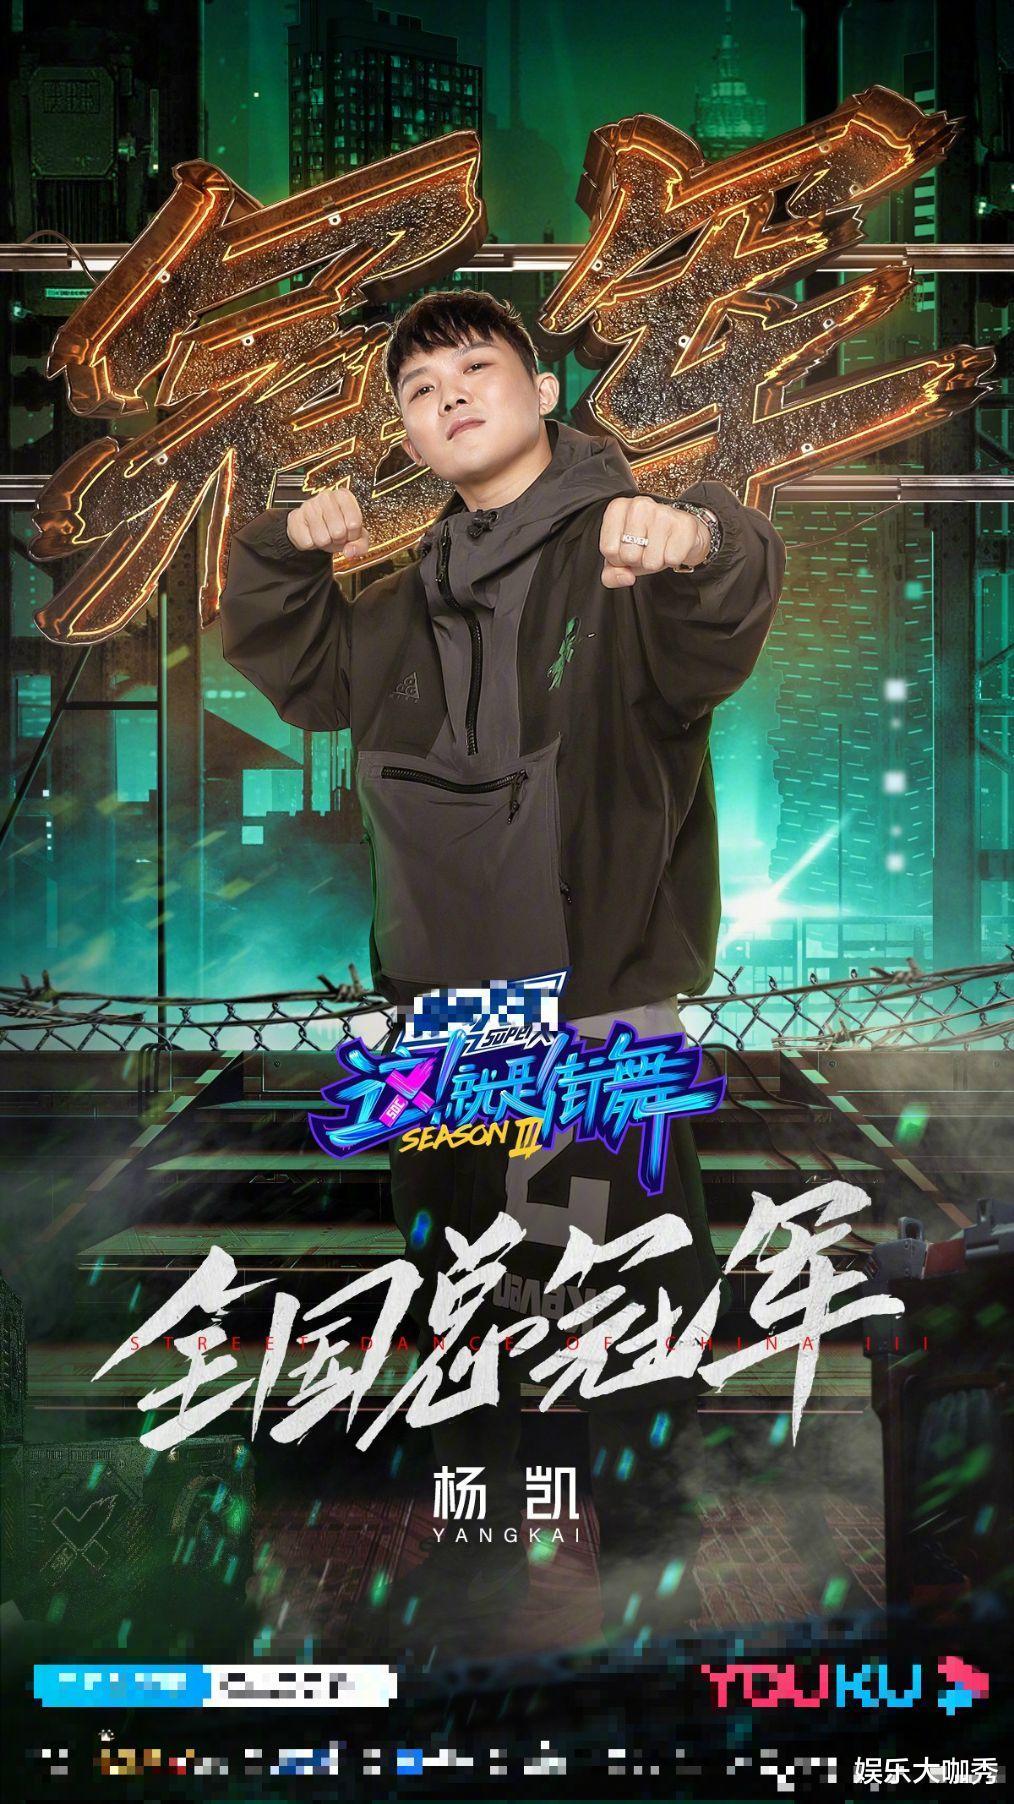 羅志祥退出錄制後首談《街舞3》: 冠軍實力欠缺, 節目質量太差-圖5